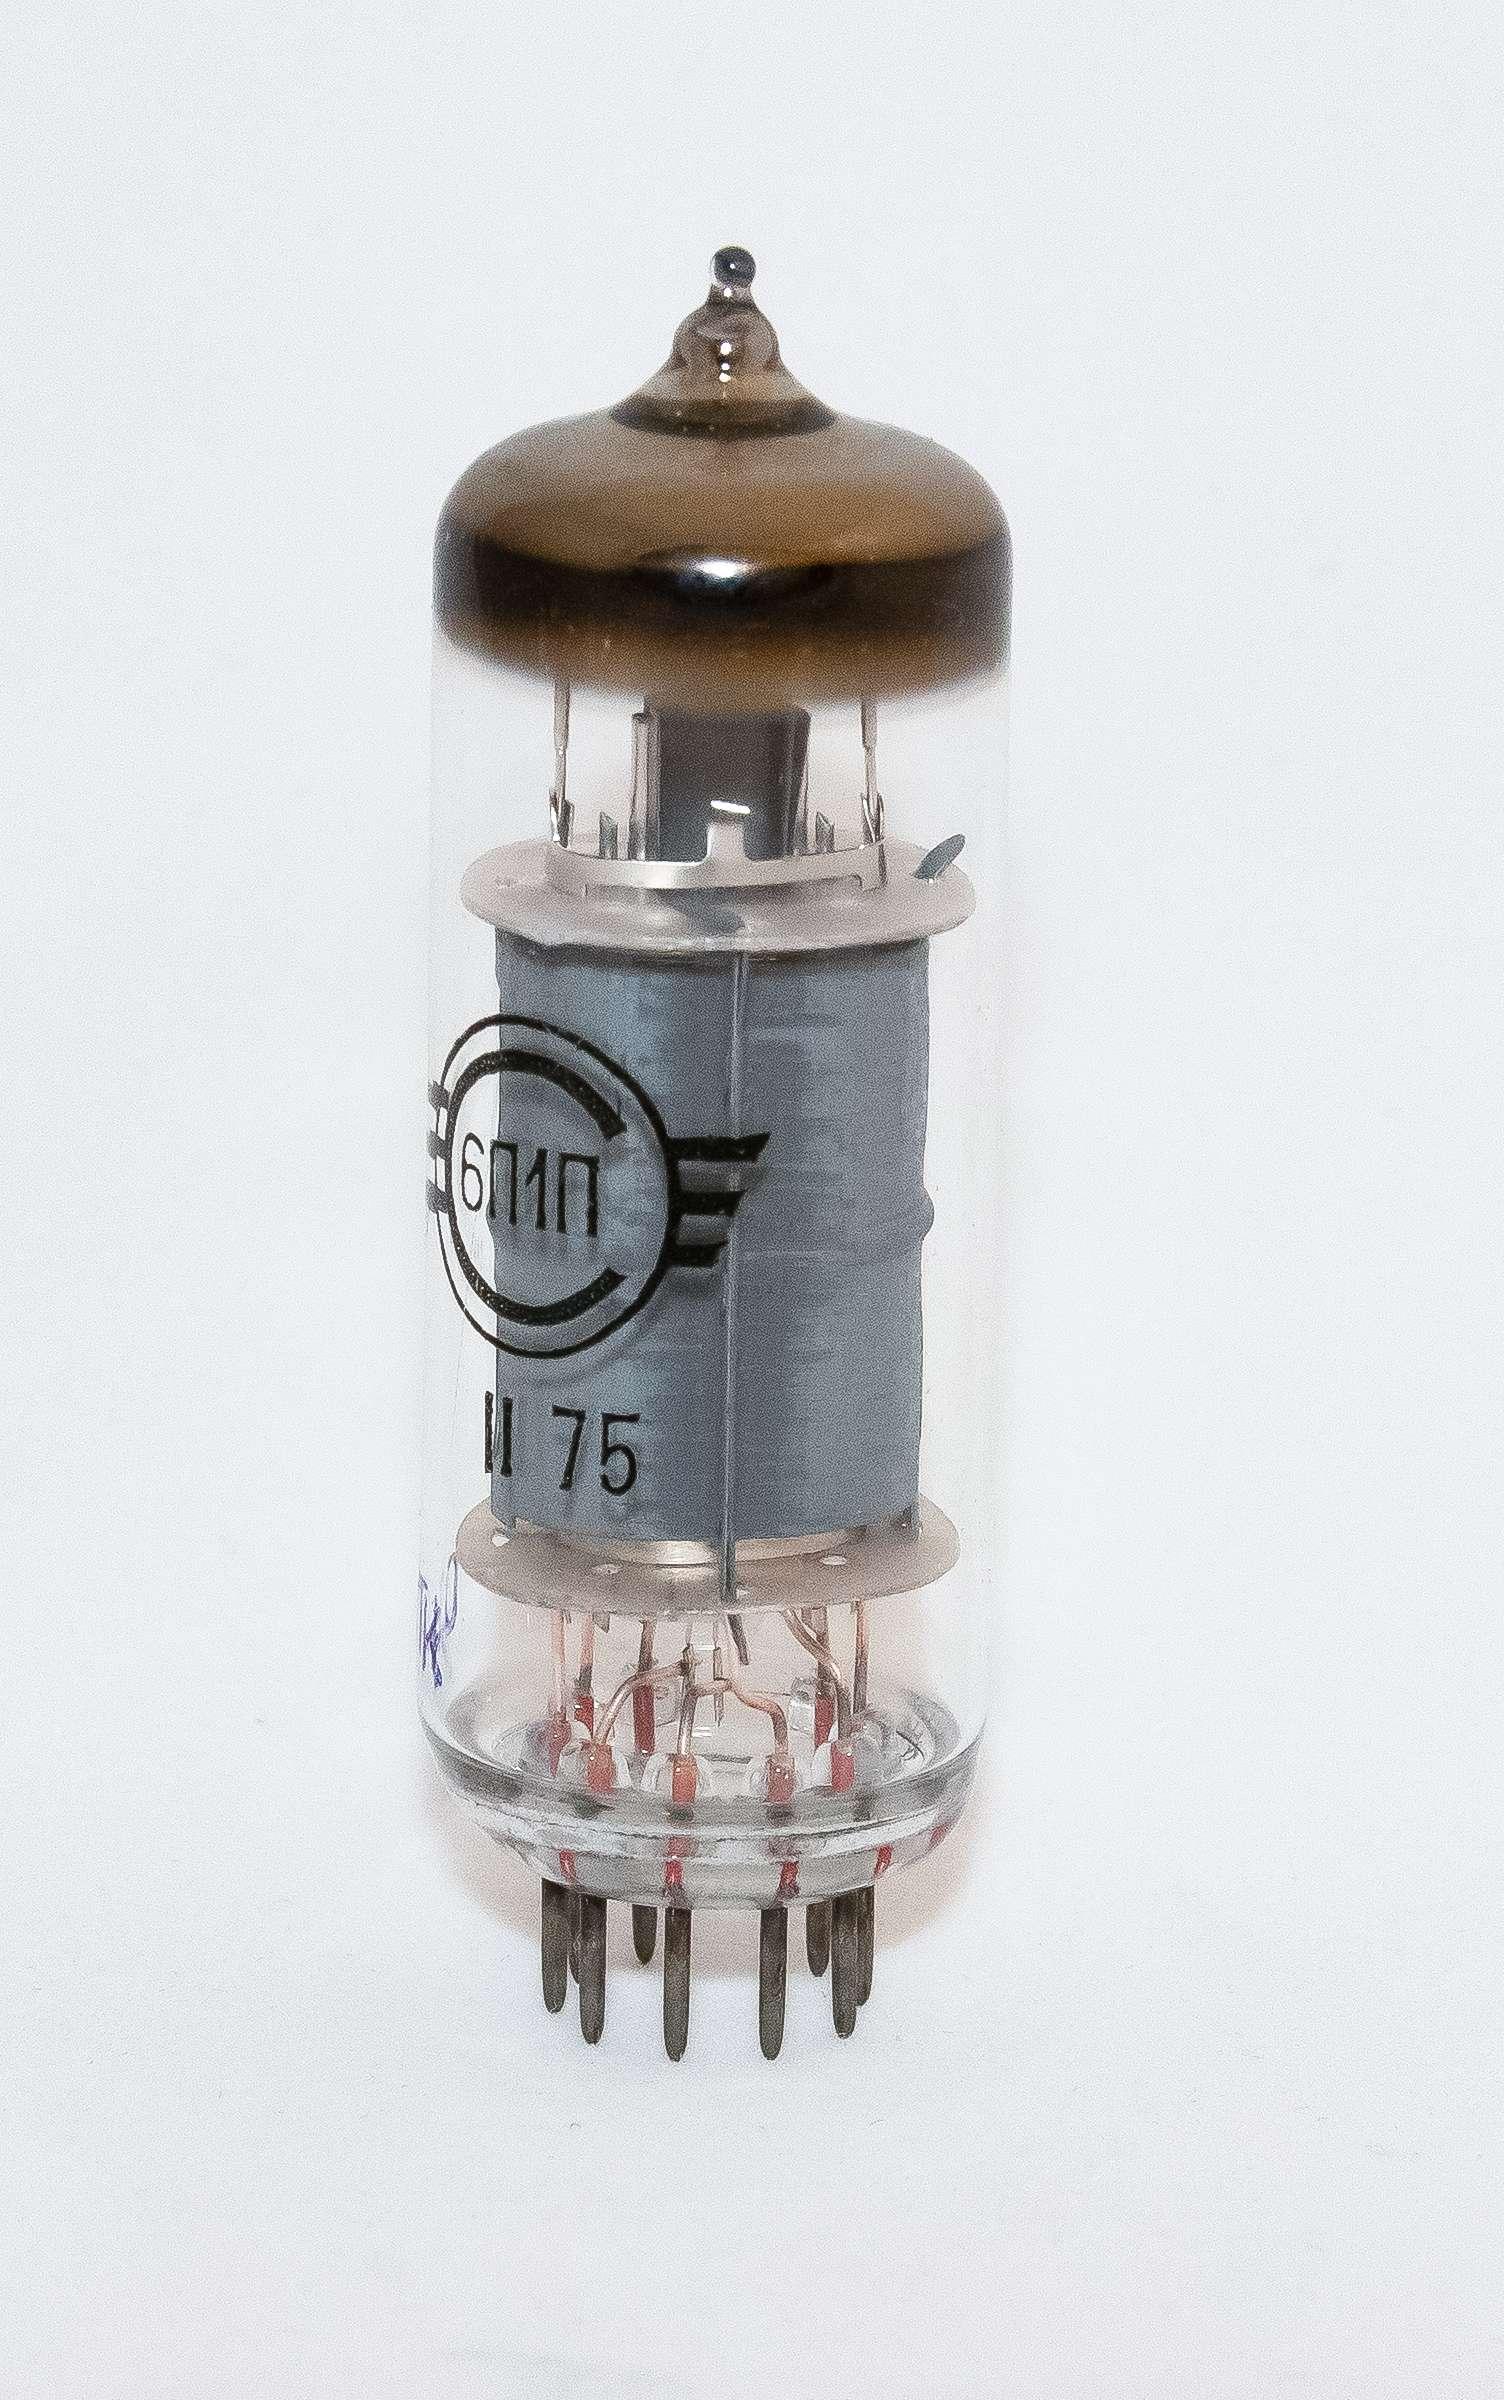 Внешний вид радиолампы 6П1П